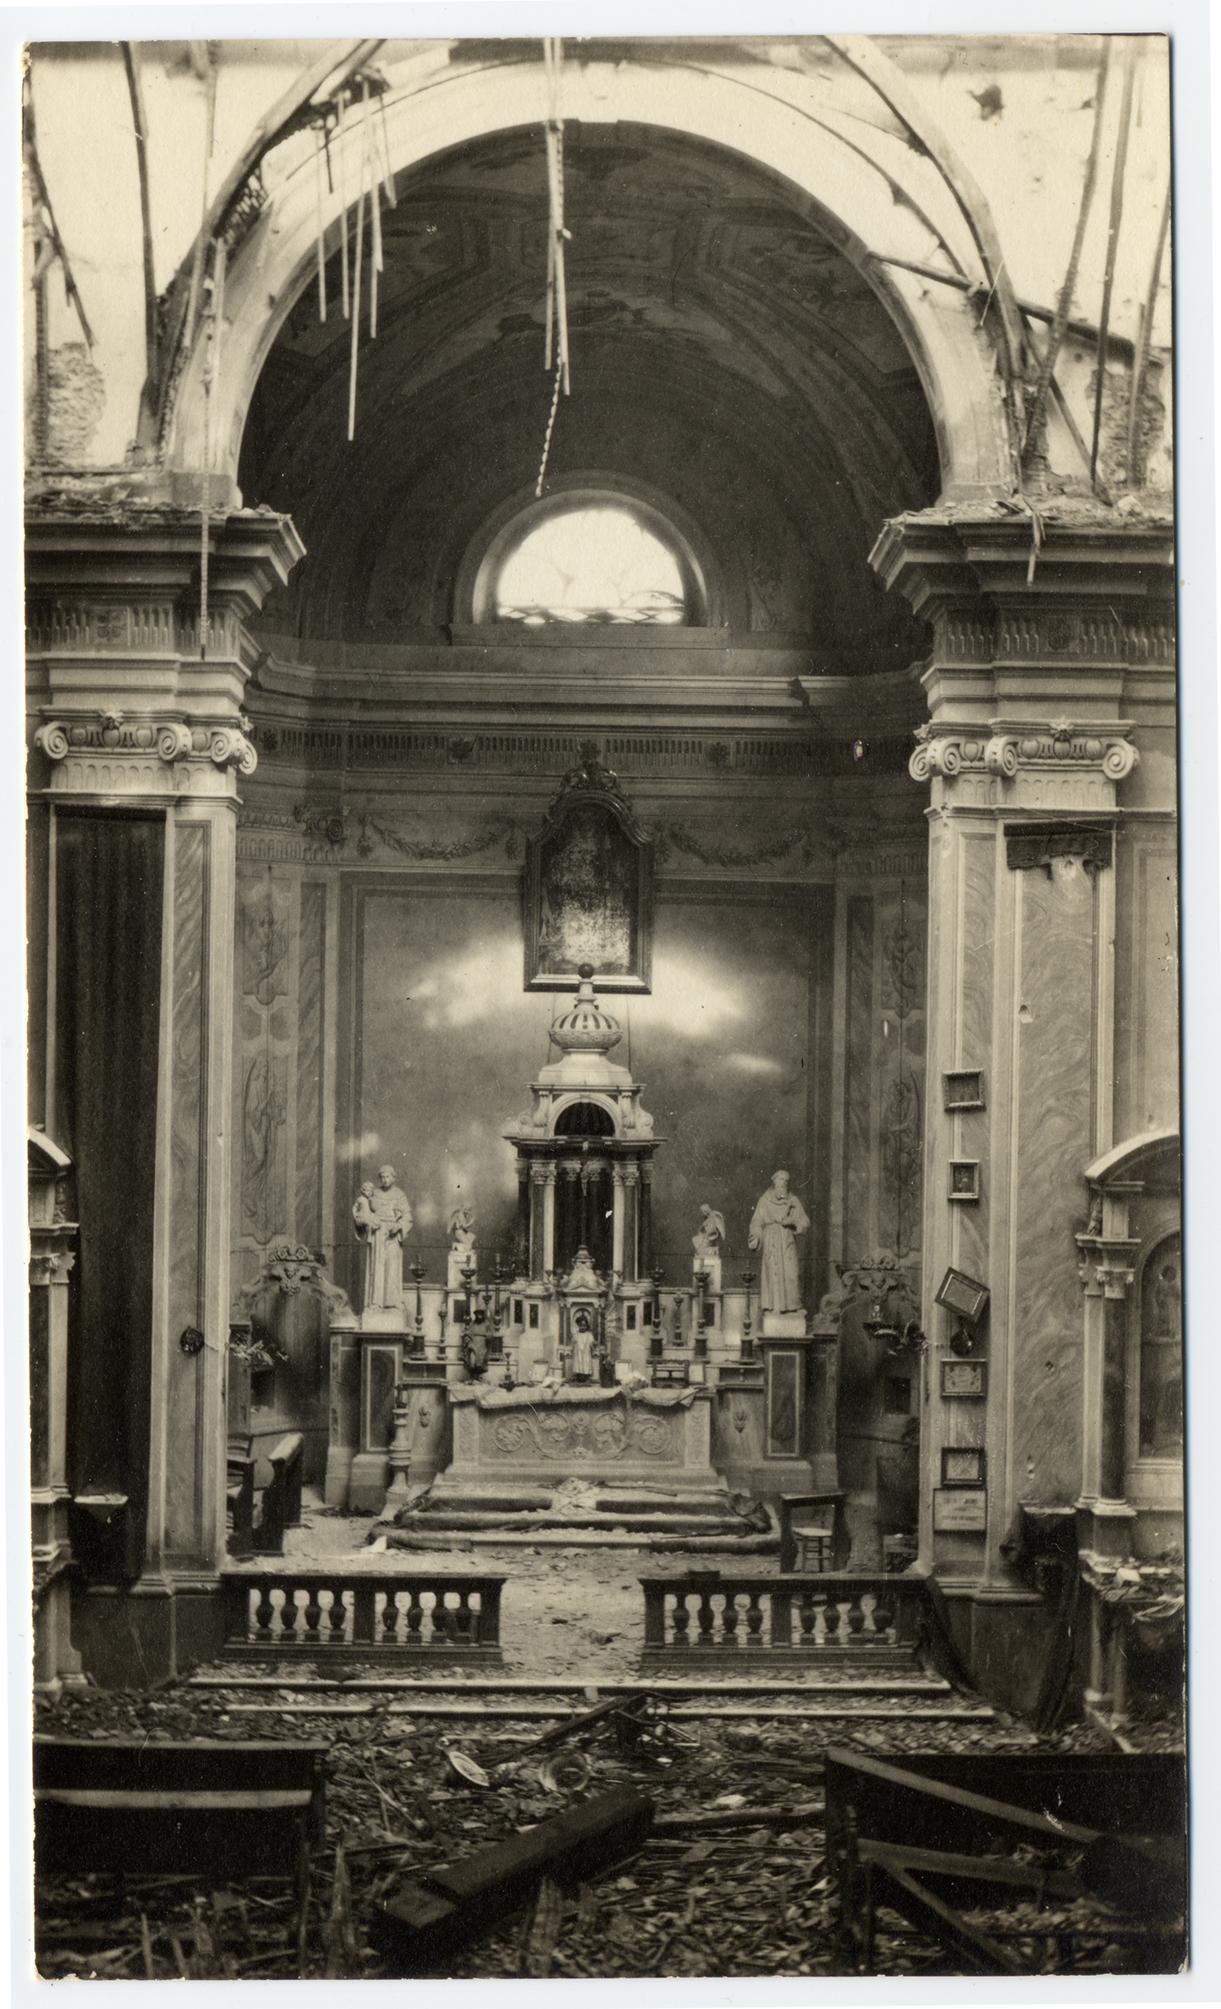 Gradisca nel febb. 1916. Interno della chiesa  del Mercatuzzo devastata dalle granate  - (ASDM - coll. Casato)